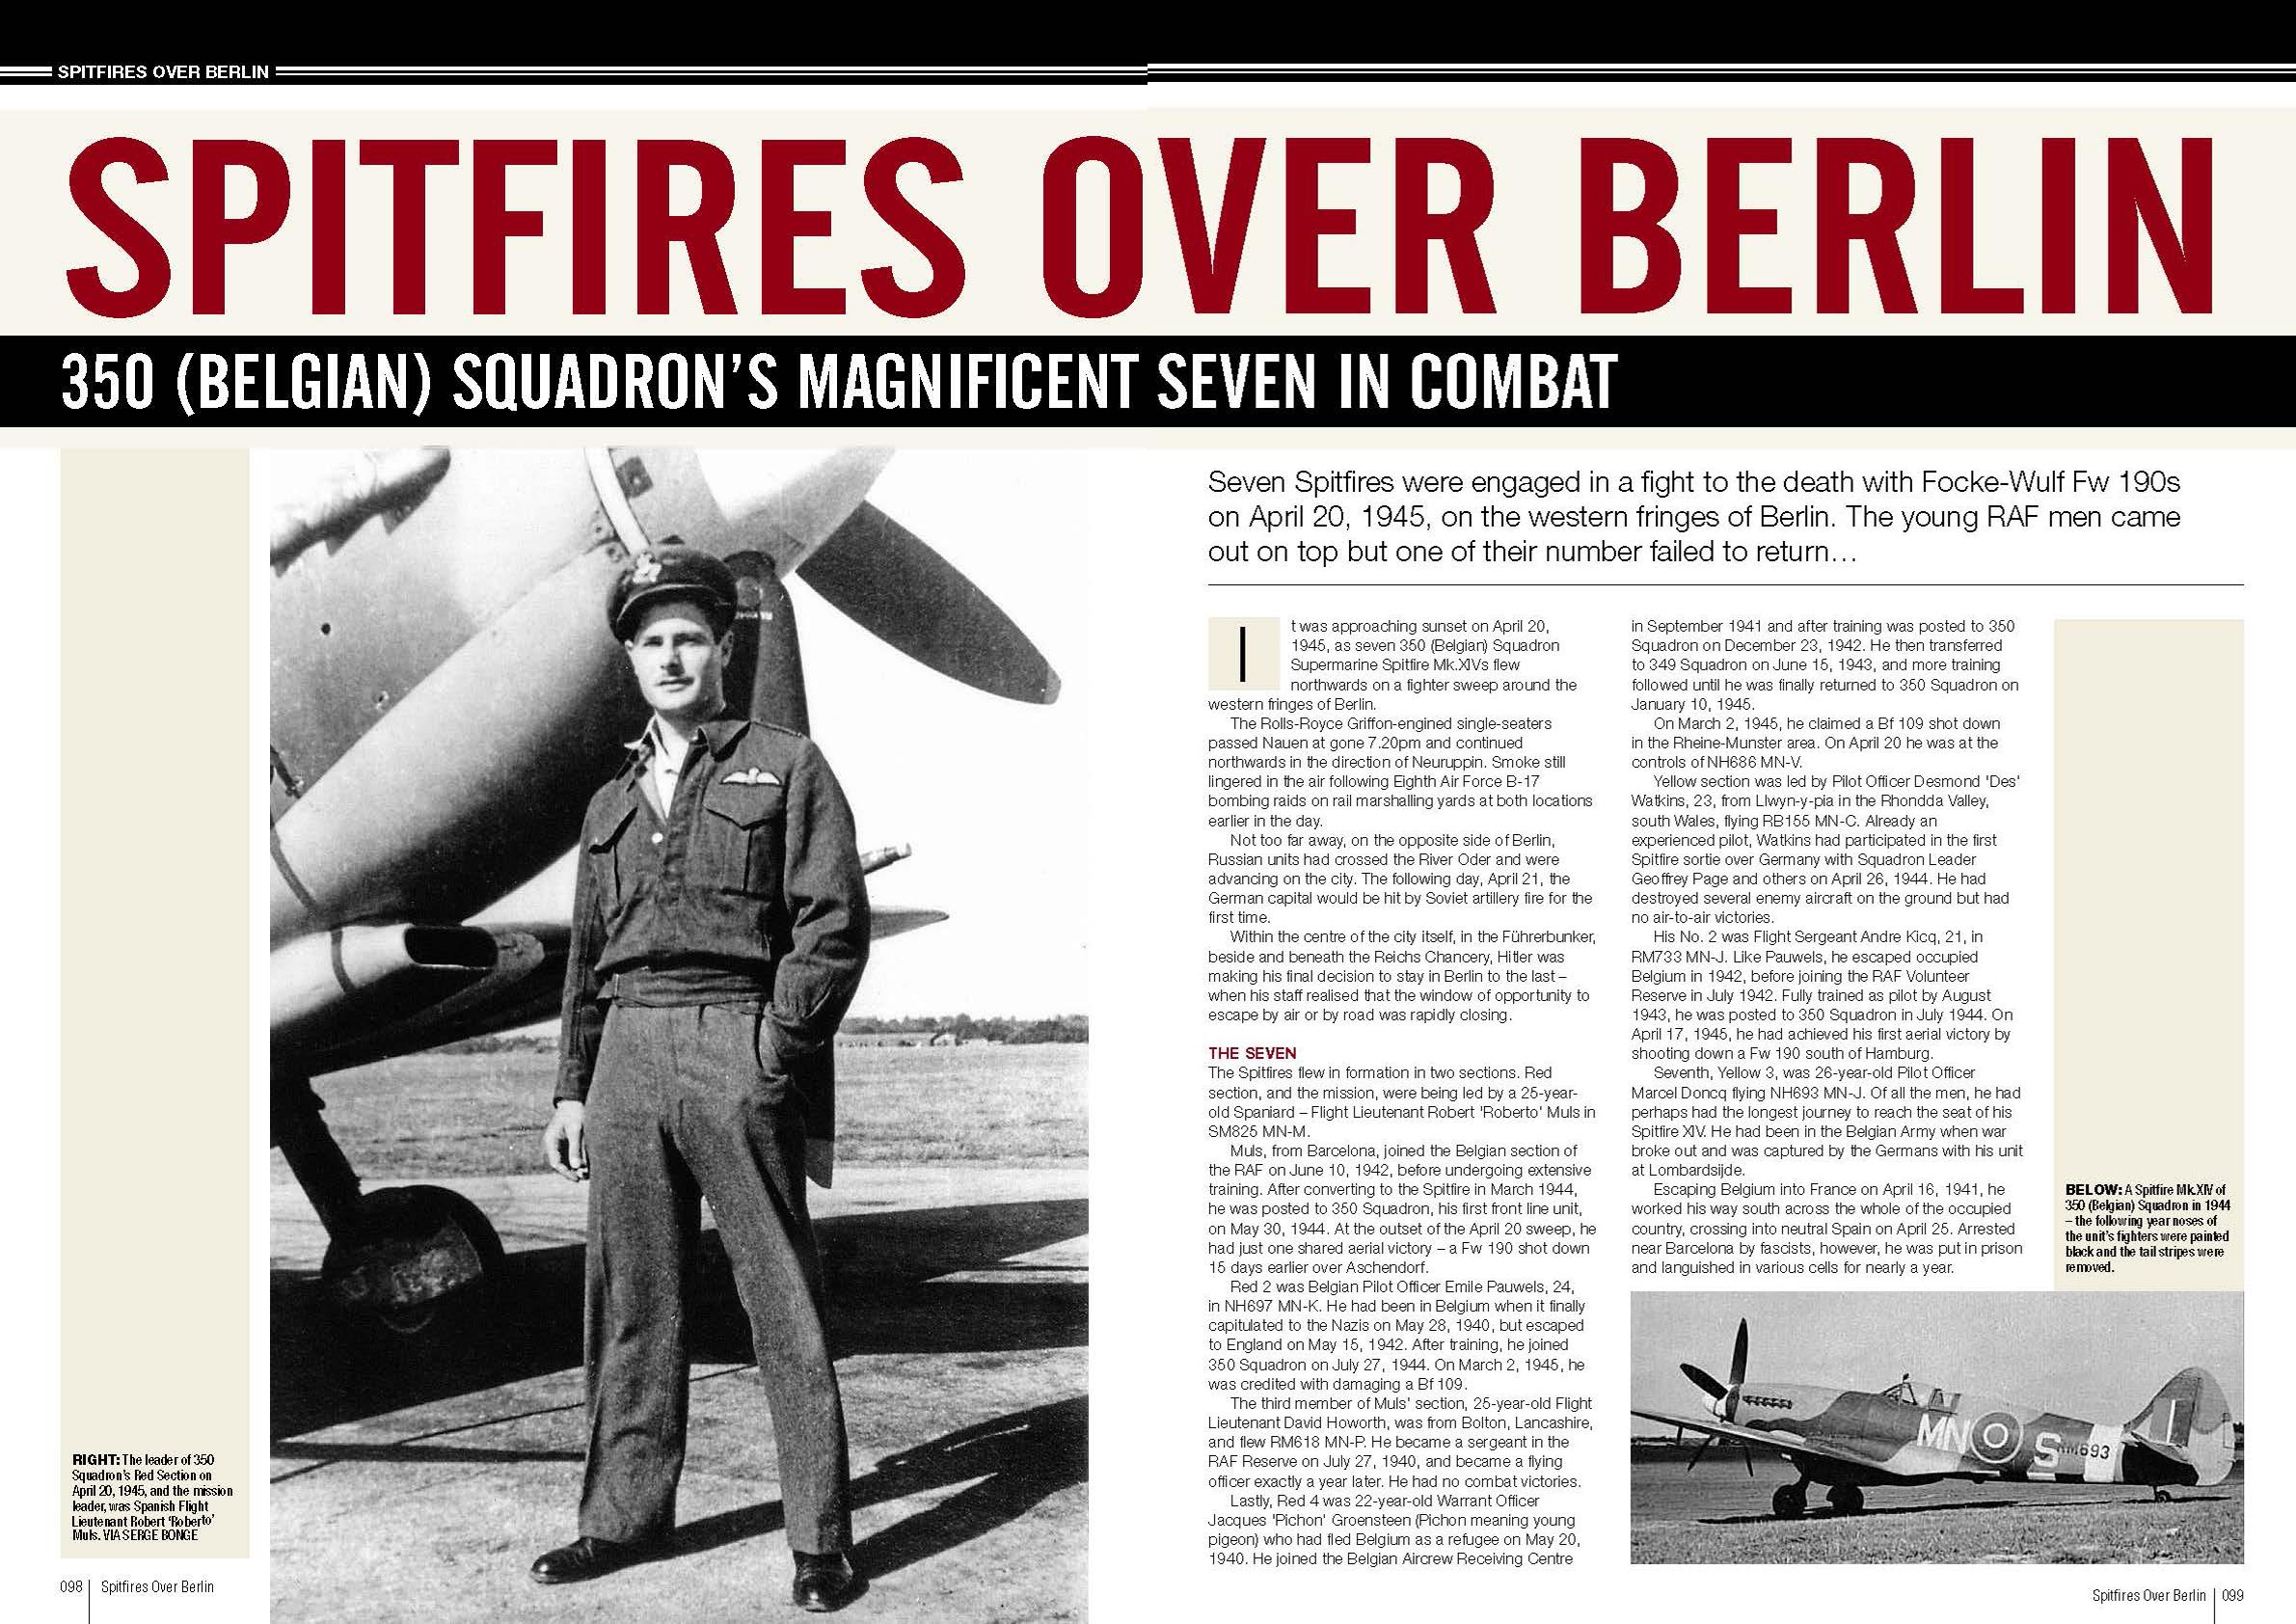 Spitfires over Berlin RAF 350Sqn pages 98 99